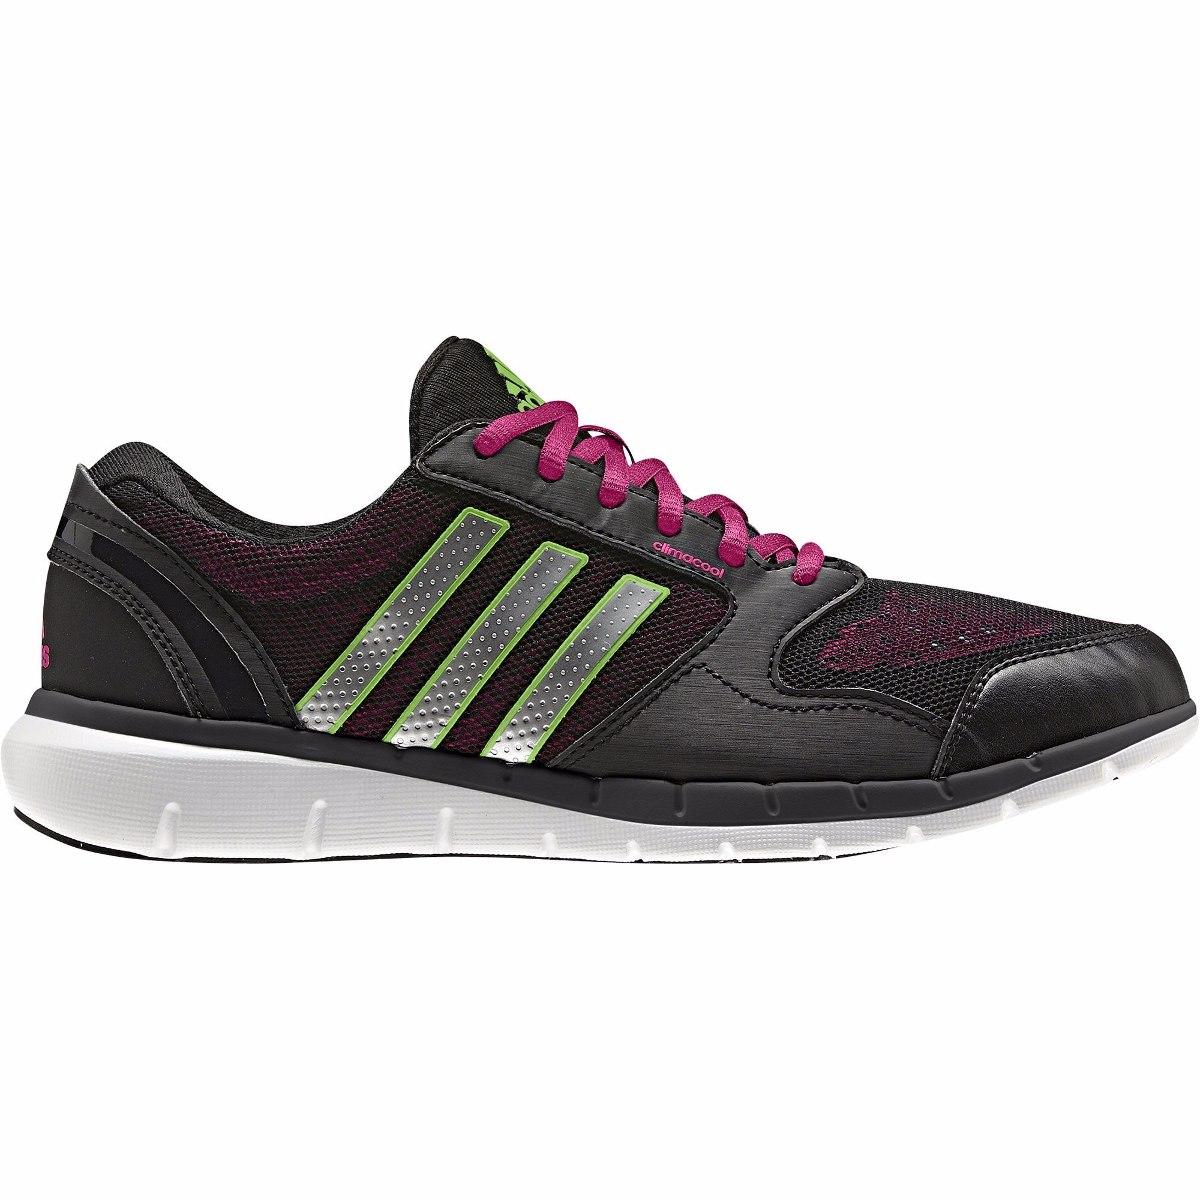 nuevos modelos de zapatos adidas 2016